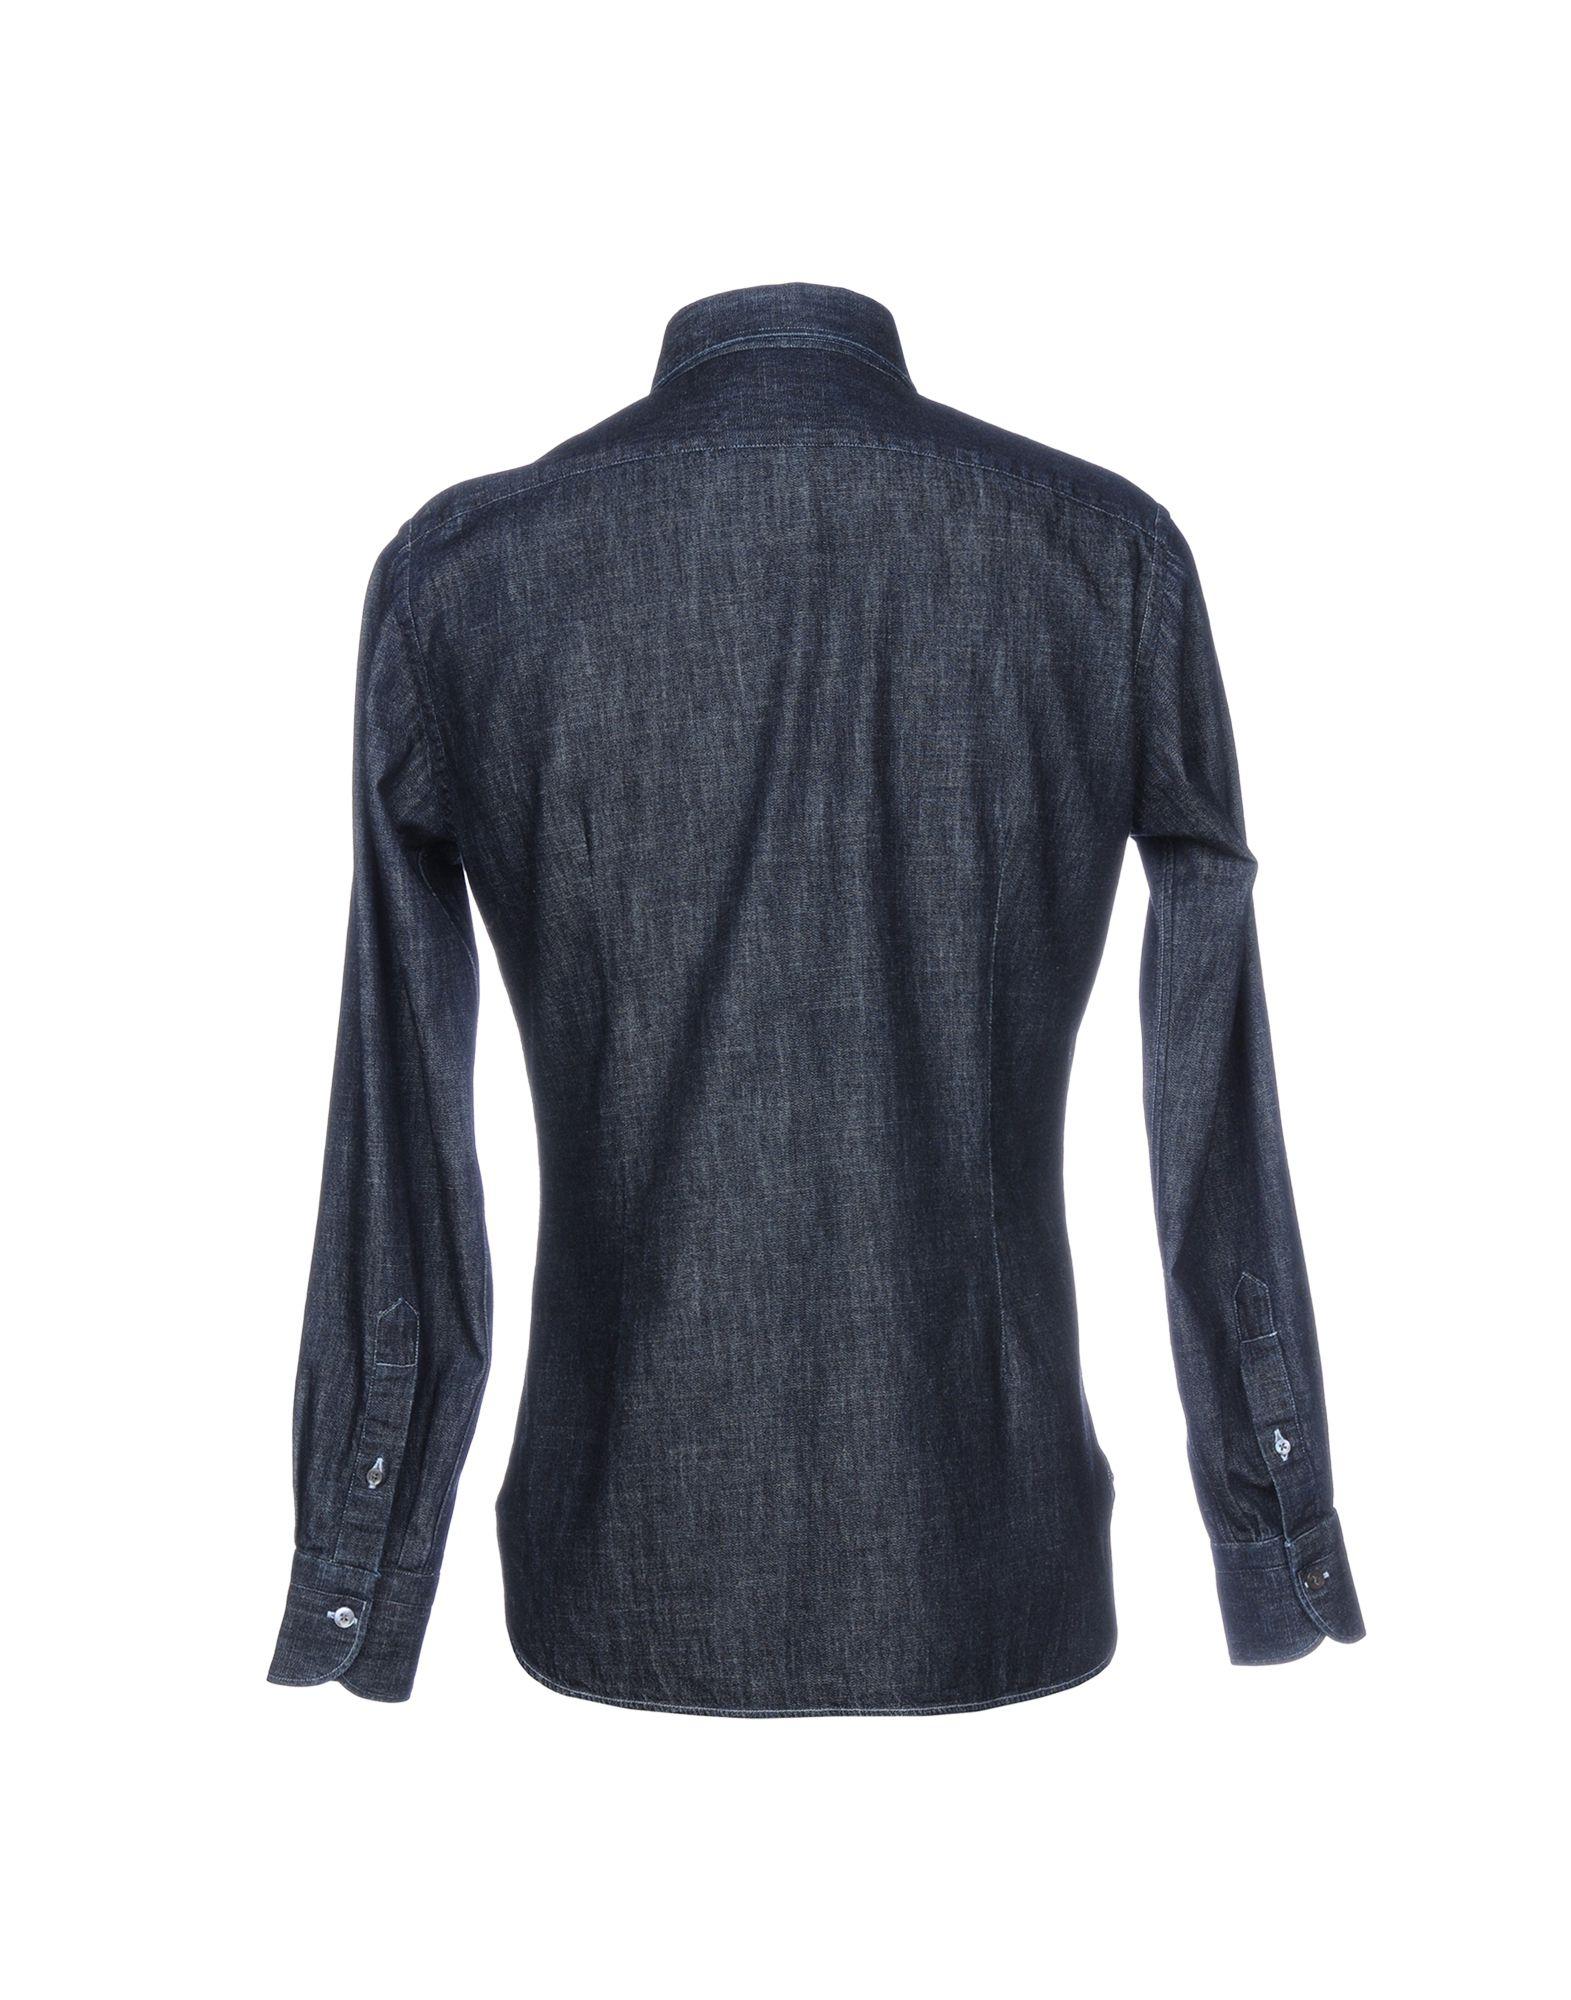 Camicia Jeans Scaglione Uomo City Uomo Scaglione - 42678796PQ b63516